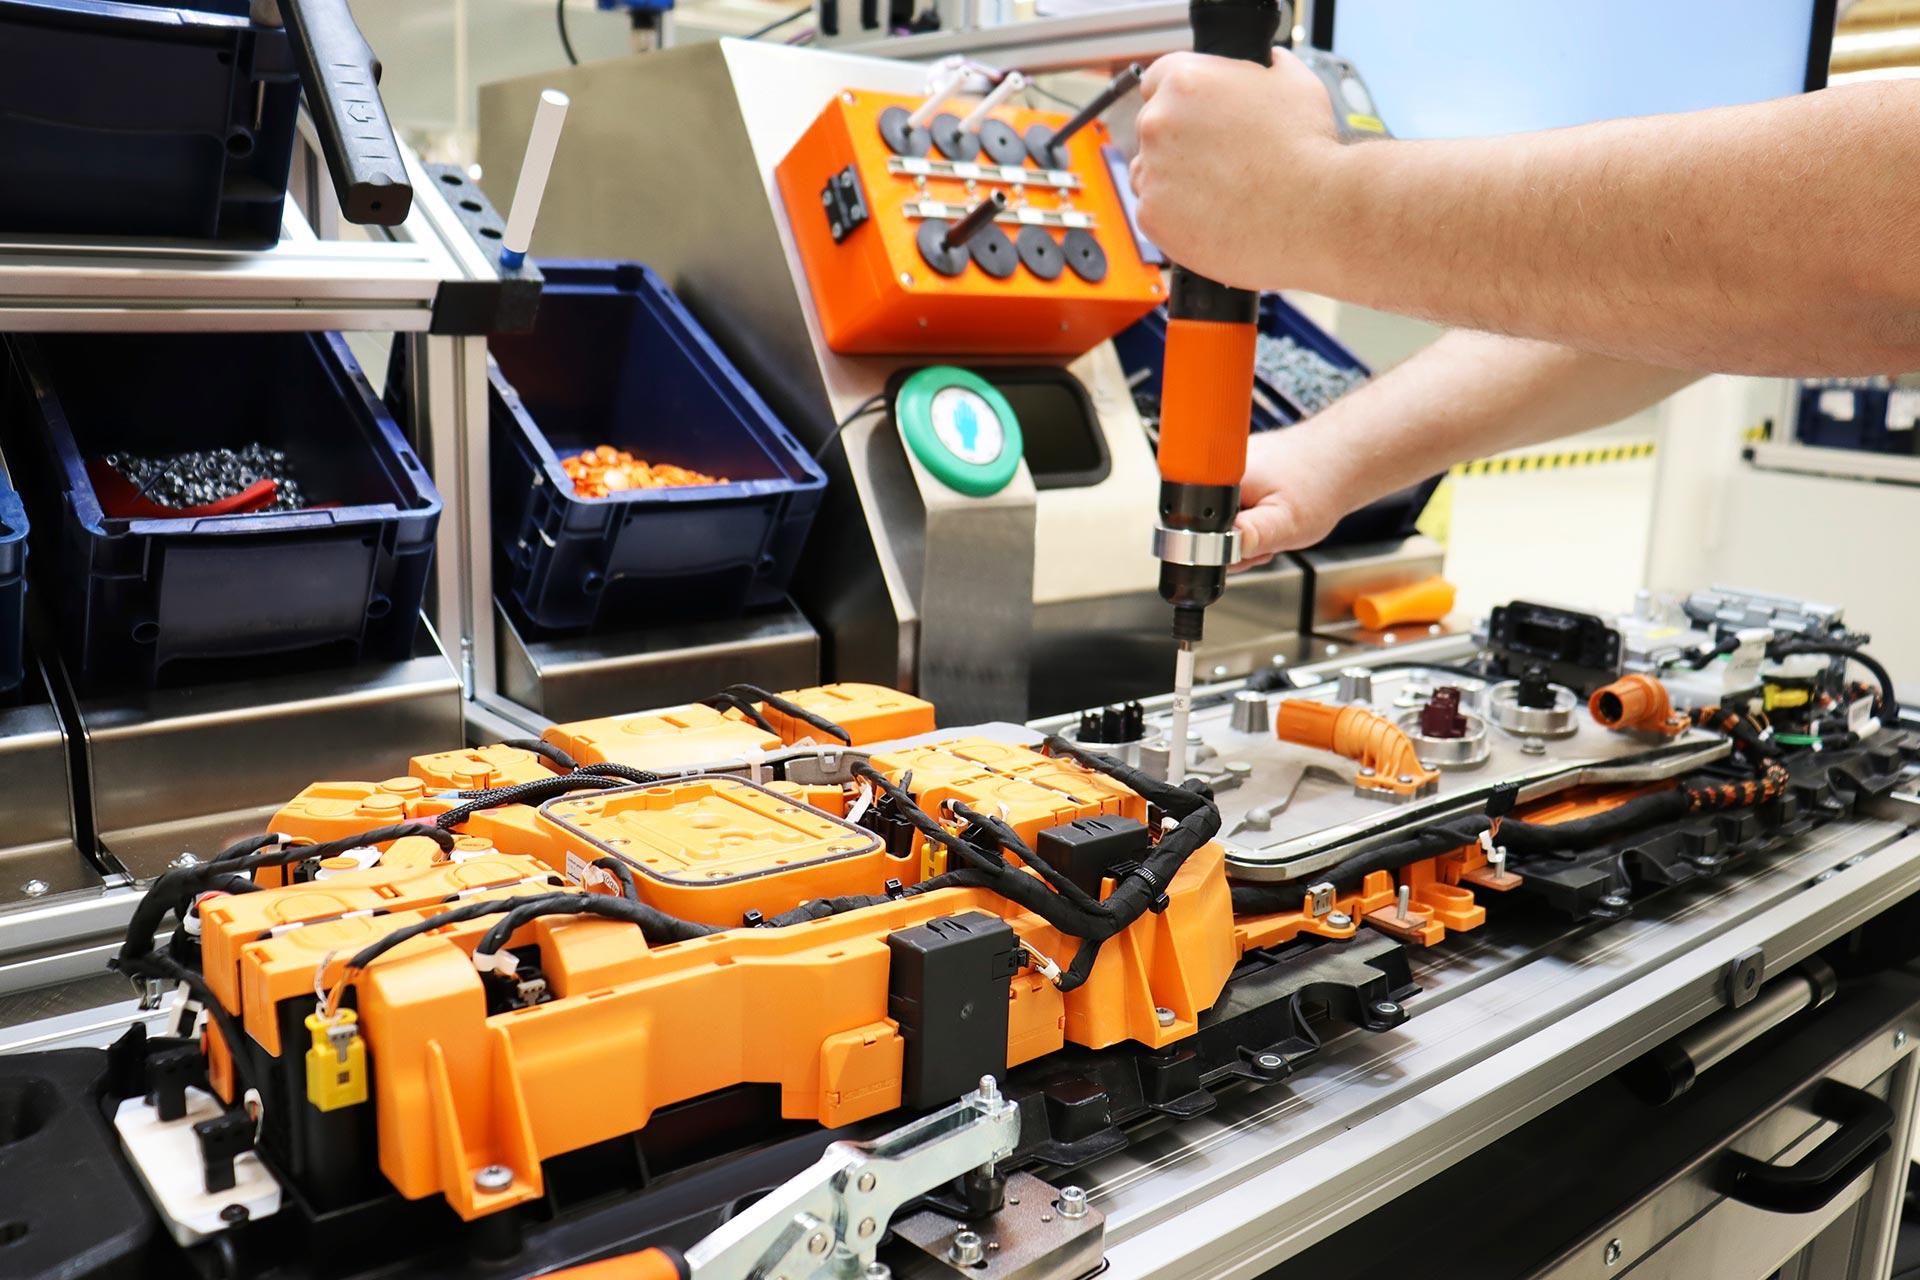 b 2021 ergänzt der Standort sein Produktportfolio u.a. um die Montage des sogenannten EE-Compartment zur intelligenten Integration der Leistungselektronik für u.a. EQS-Batteriesysteme.